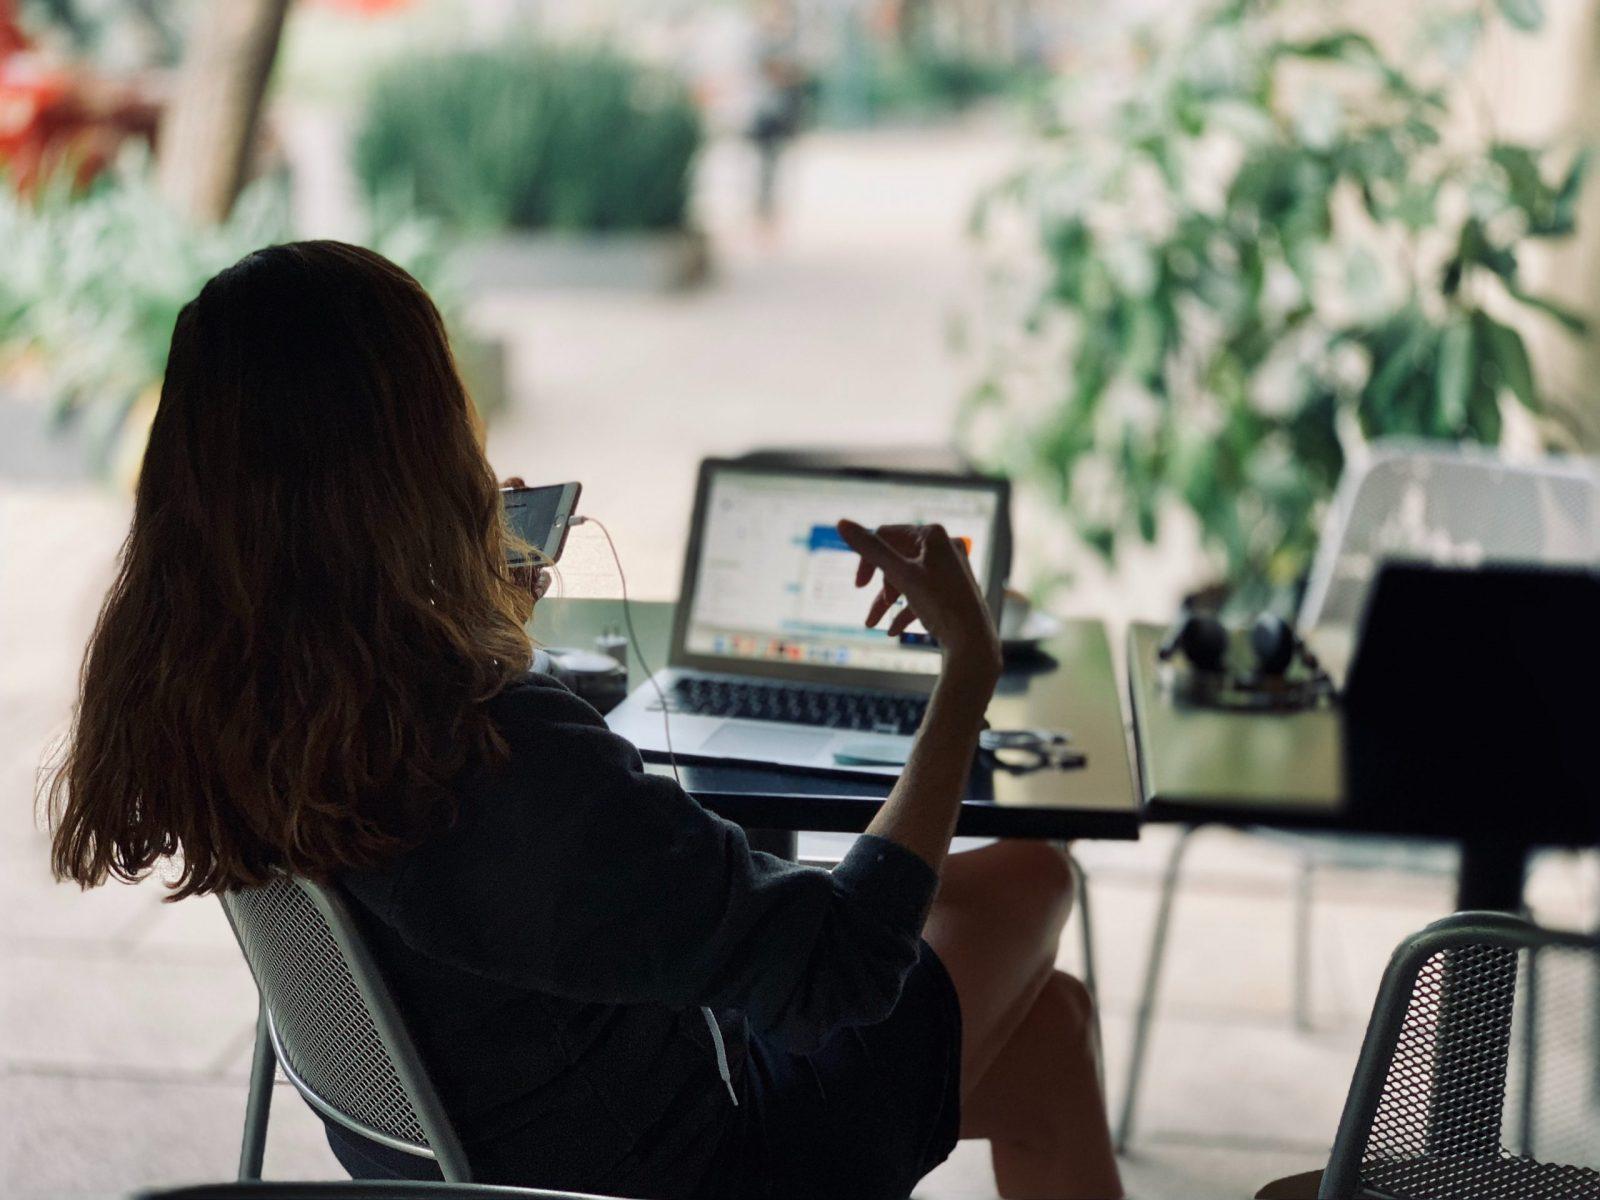 Människan sitter vid bordet med datorn